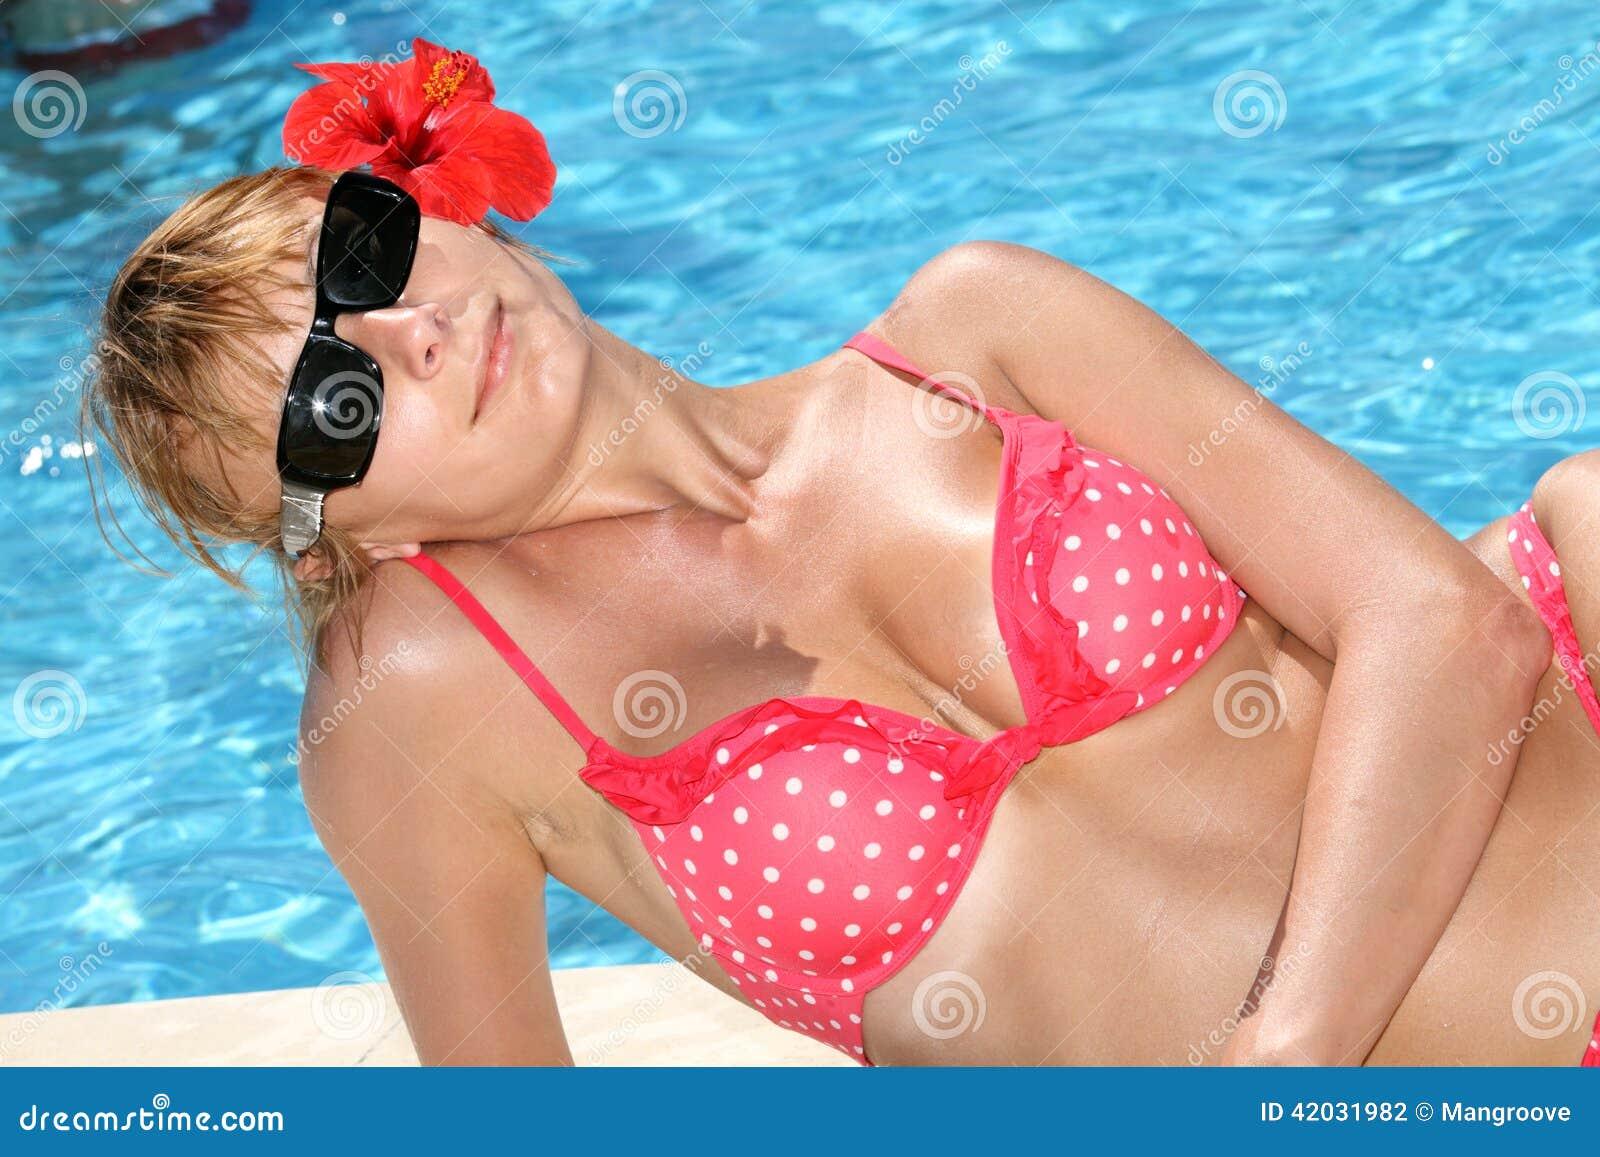 Beautiful woman in bikini at the pool